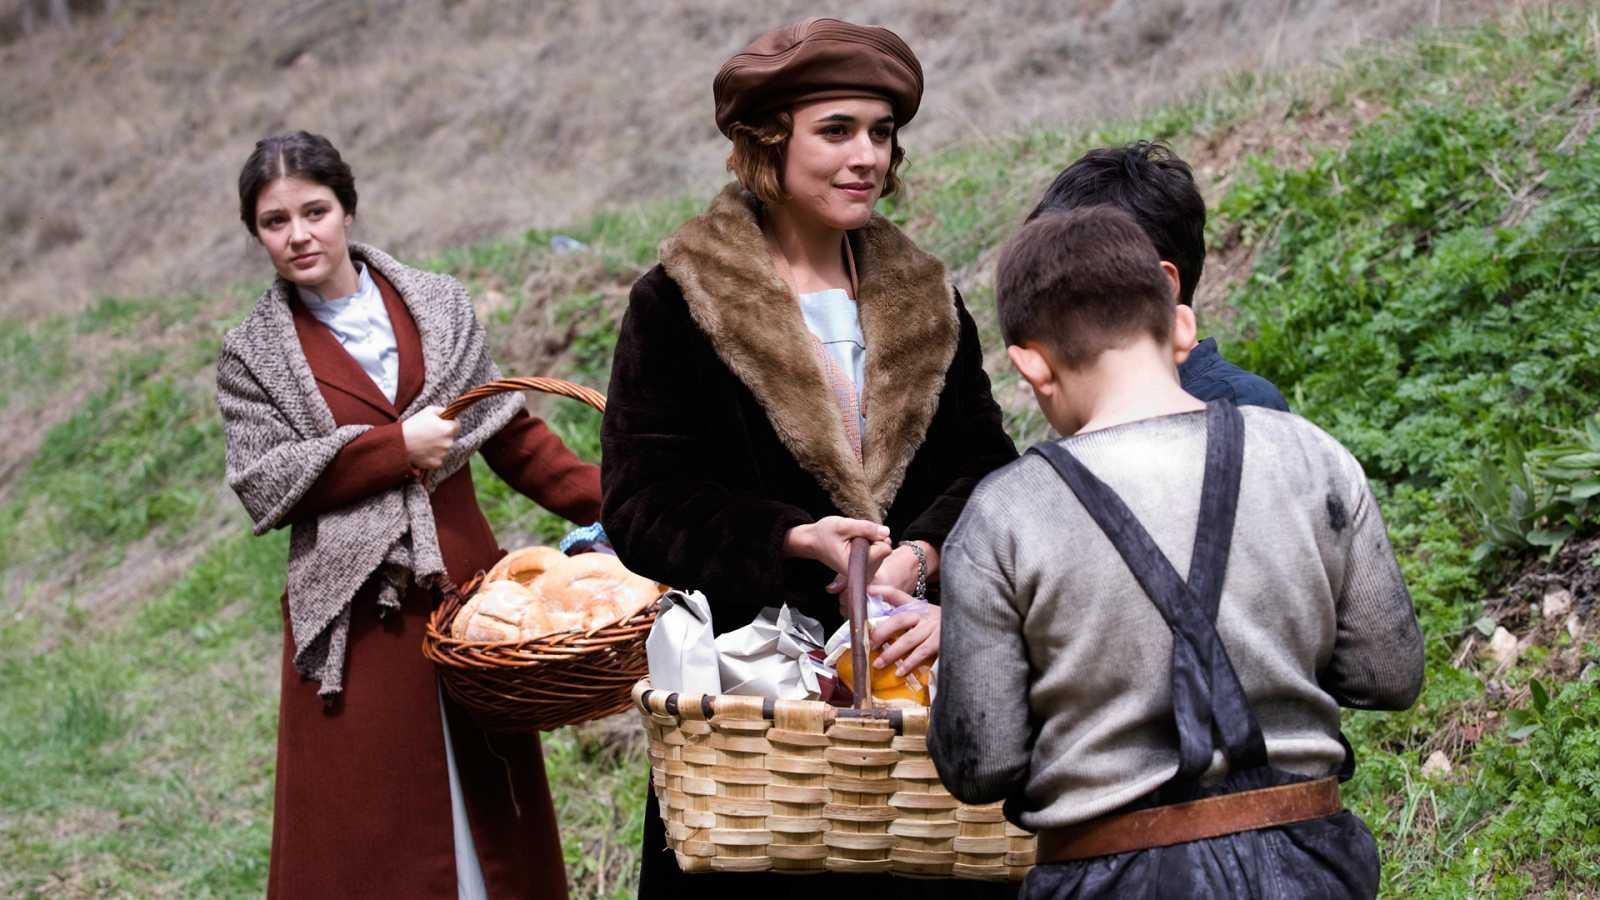 La Señora - Capítulo 8 - Tras la muerte de la Marquesa, Gonzalo ve el camino abierto para acercarse más a Victoria - ver ahora